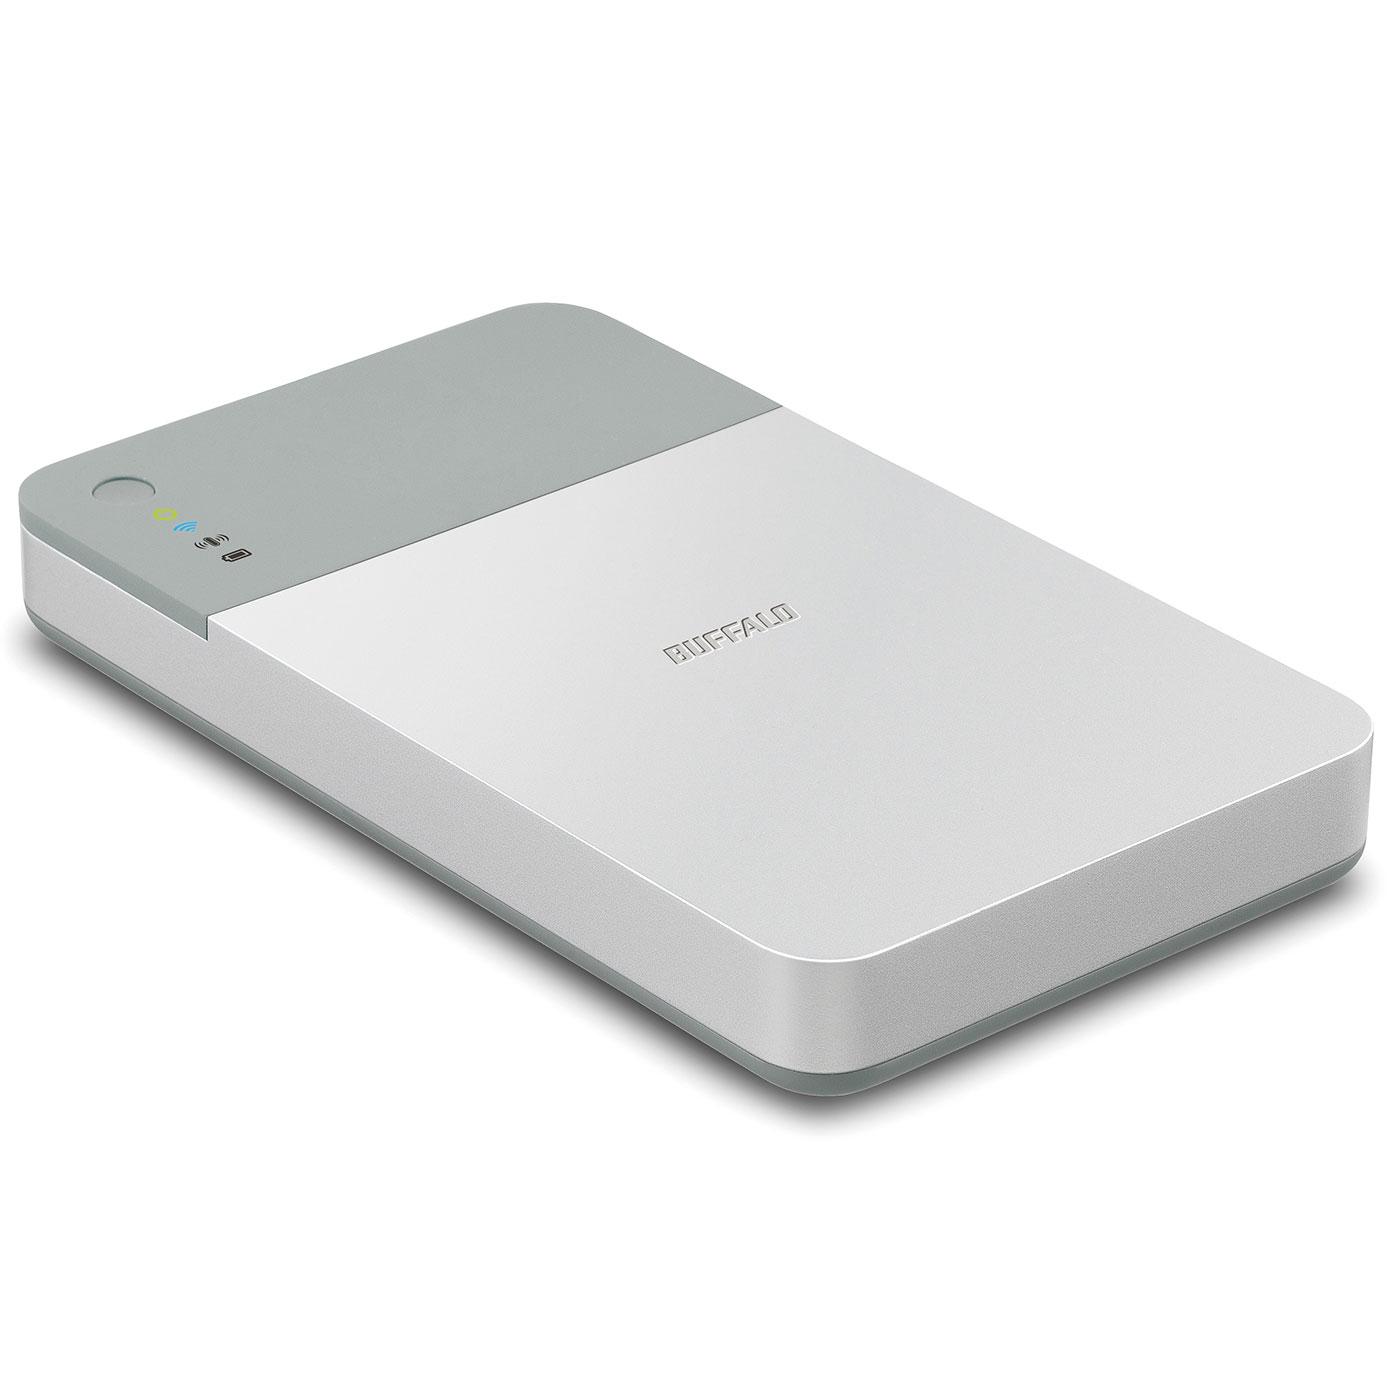 Disque dur externe Buffalo MiniStation Air 2 - 1 To Disque dur portable USB 3.0 avec partage Wi-Fi sur iOS et Android